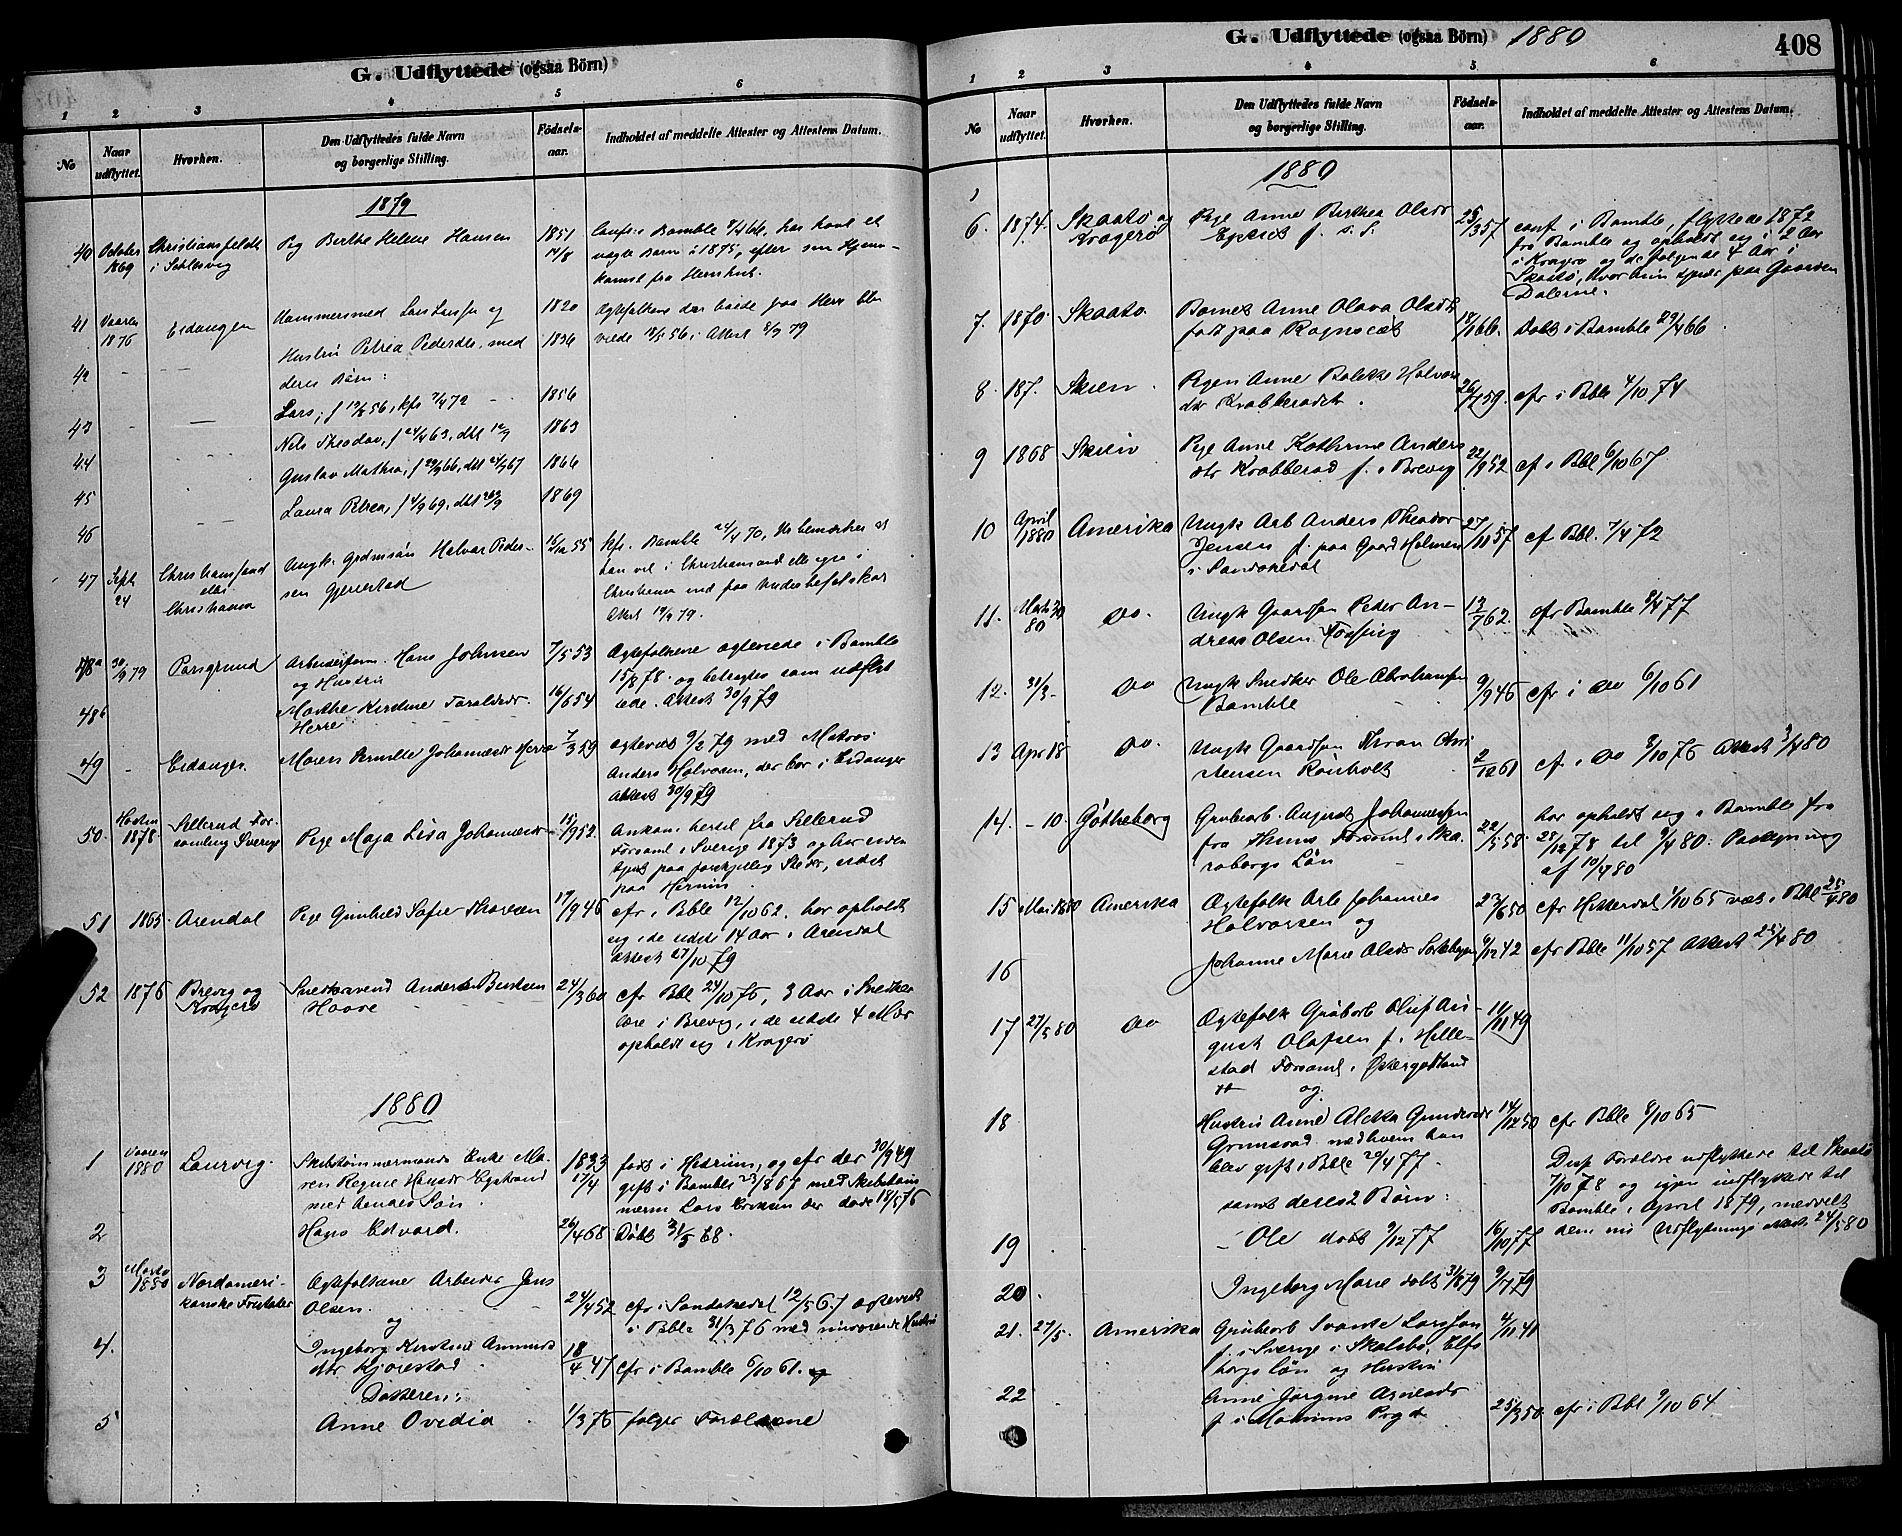 SAKO, Bamble kirkebøker, G/Ga/L0008: Klokkerbok nr. I 8, 1878-1888, s. 408